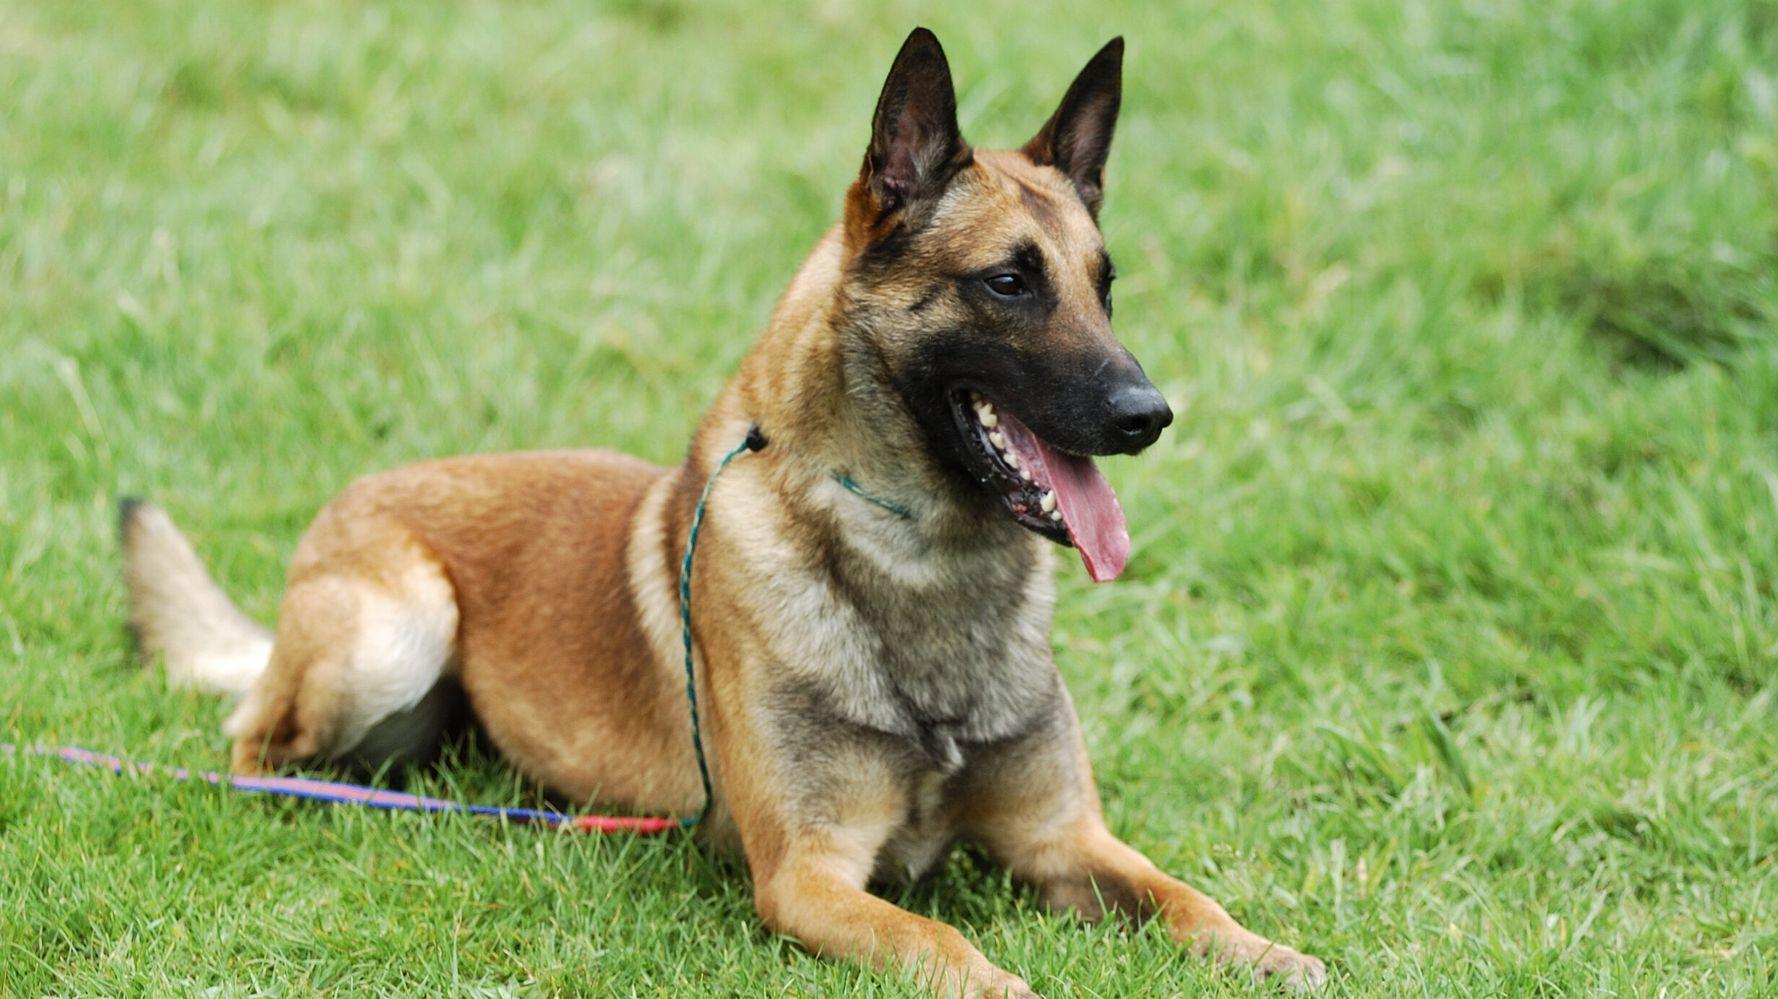 Des chiens capables de détecter le cancer du sein dans la sueur des femmes